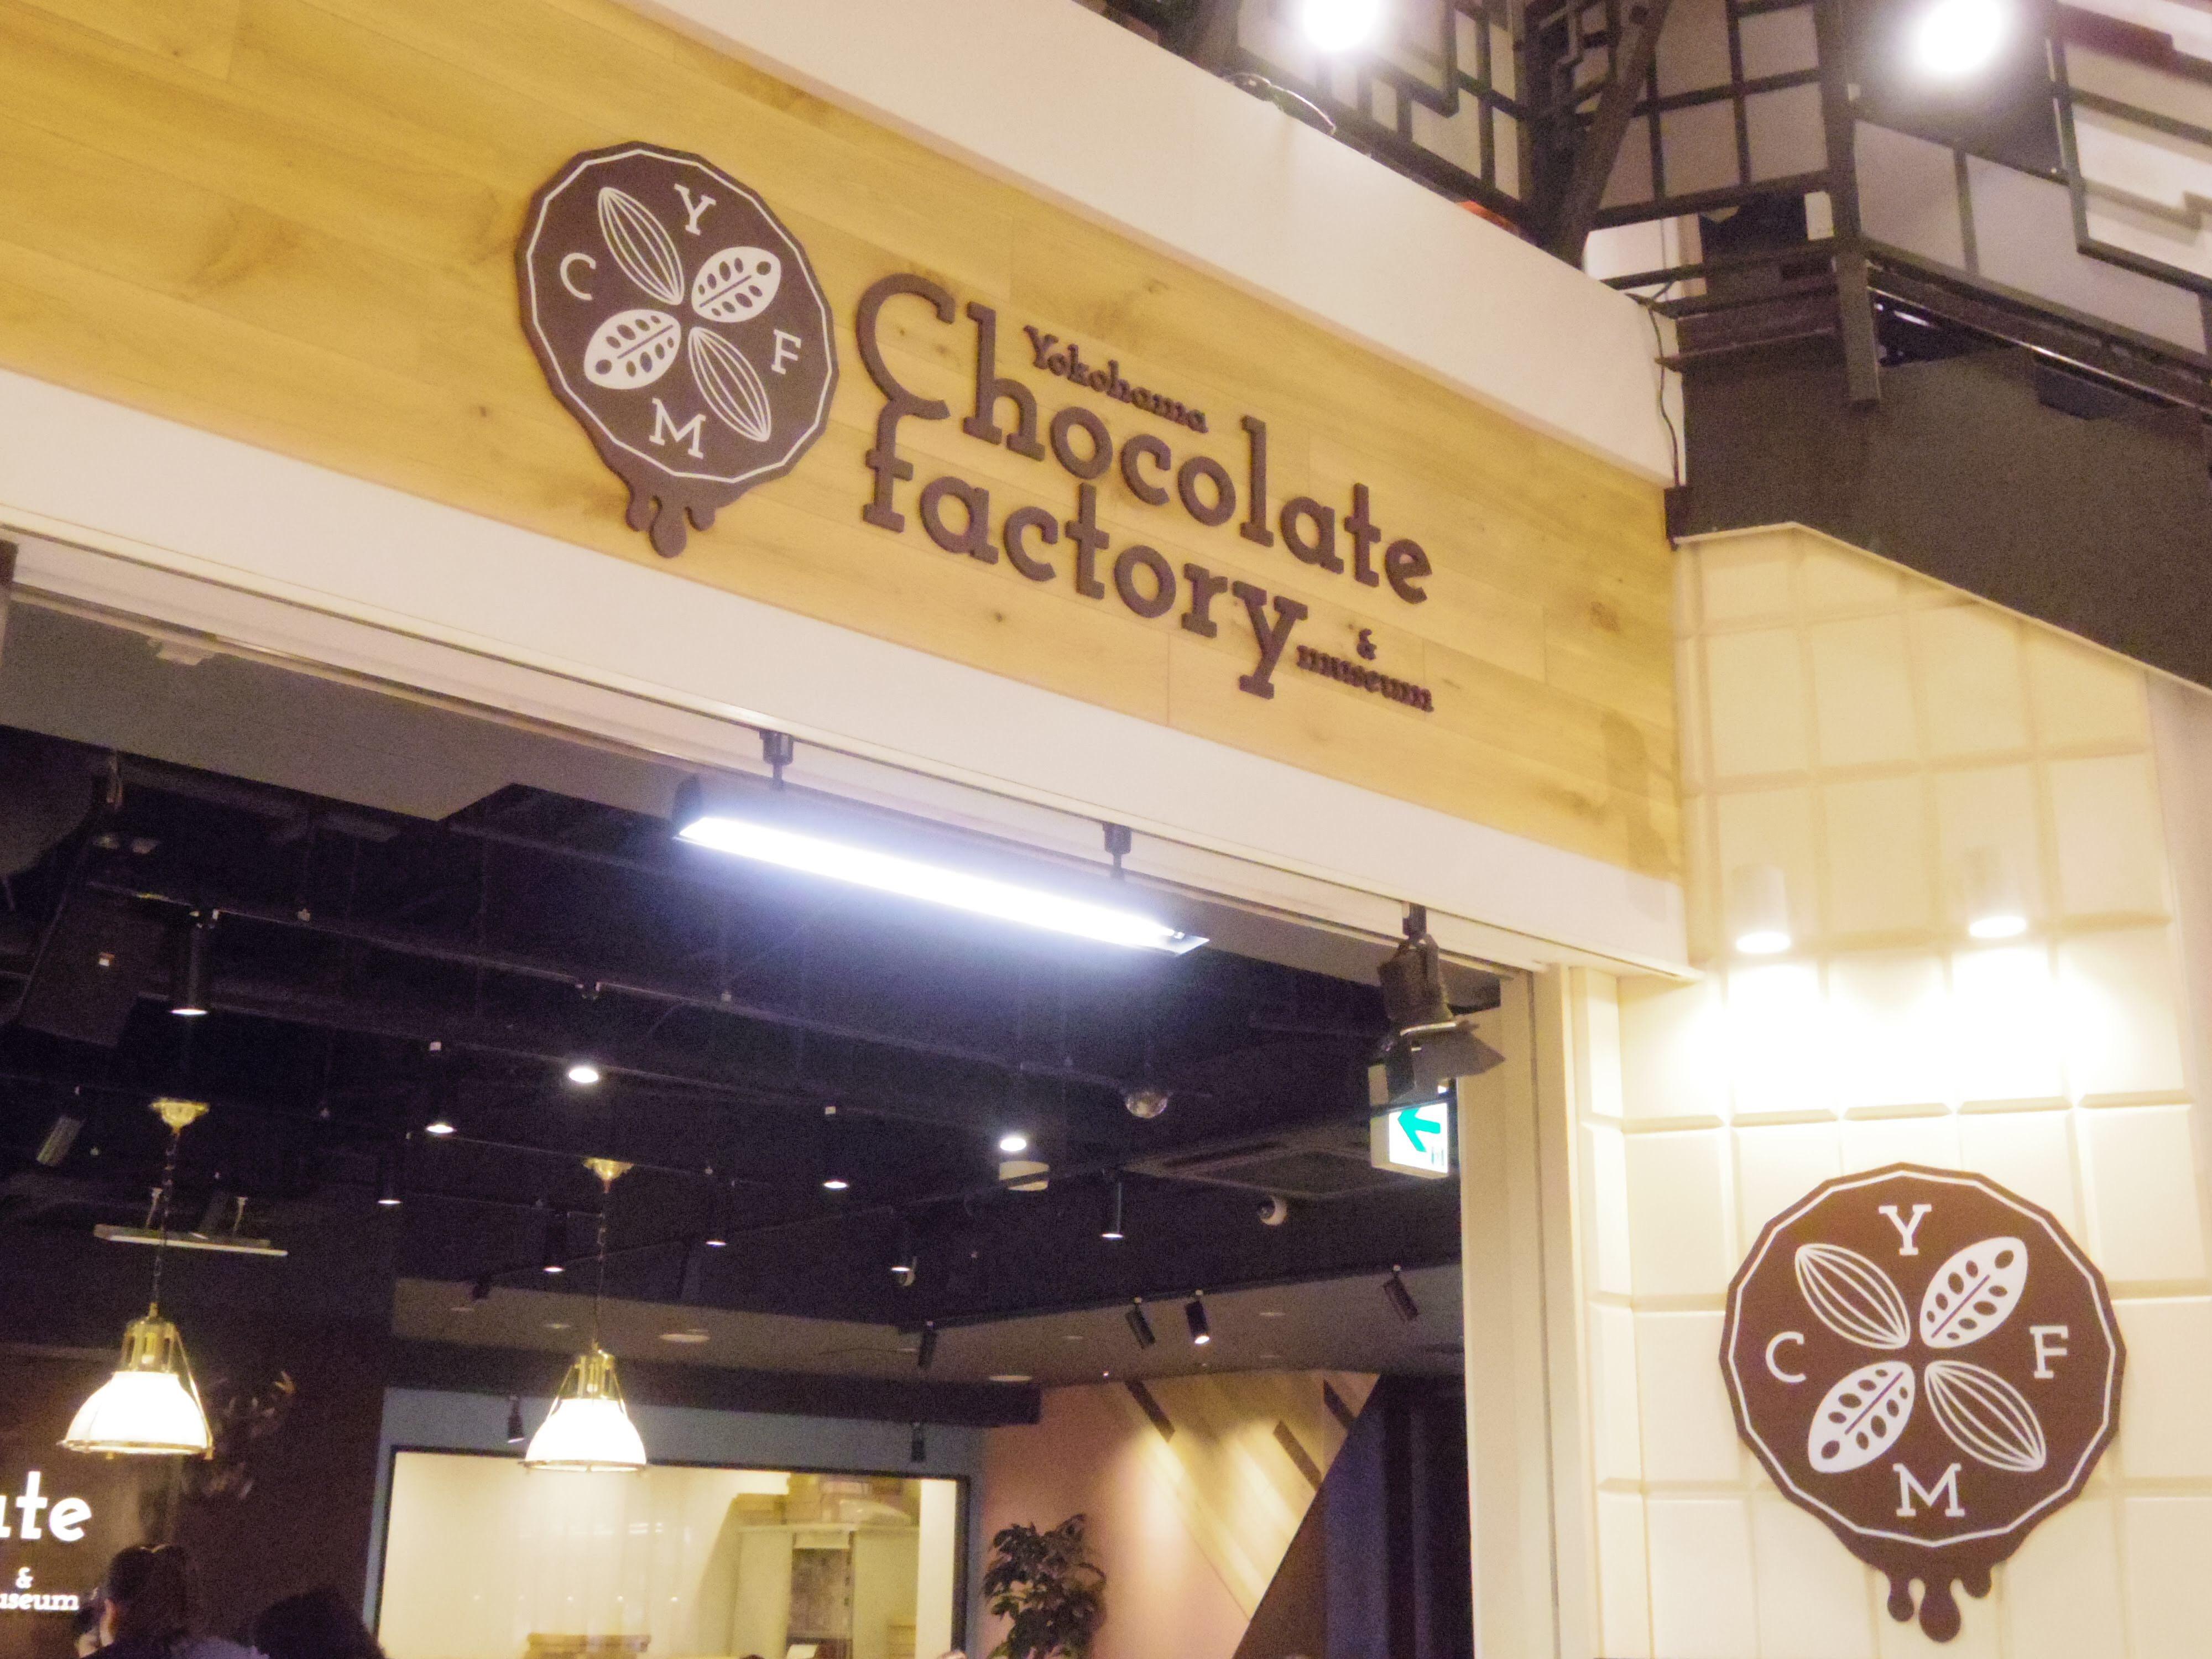 【食べるだけじゃない!】横浜のチョコレートファクトリーに行ってきた♡_2